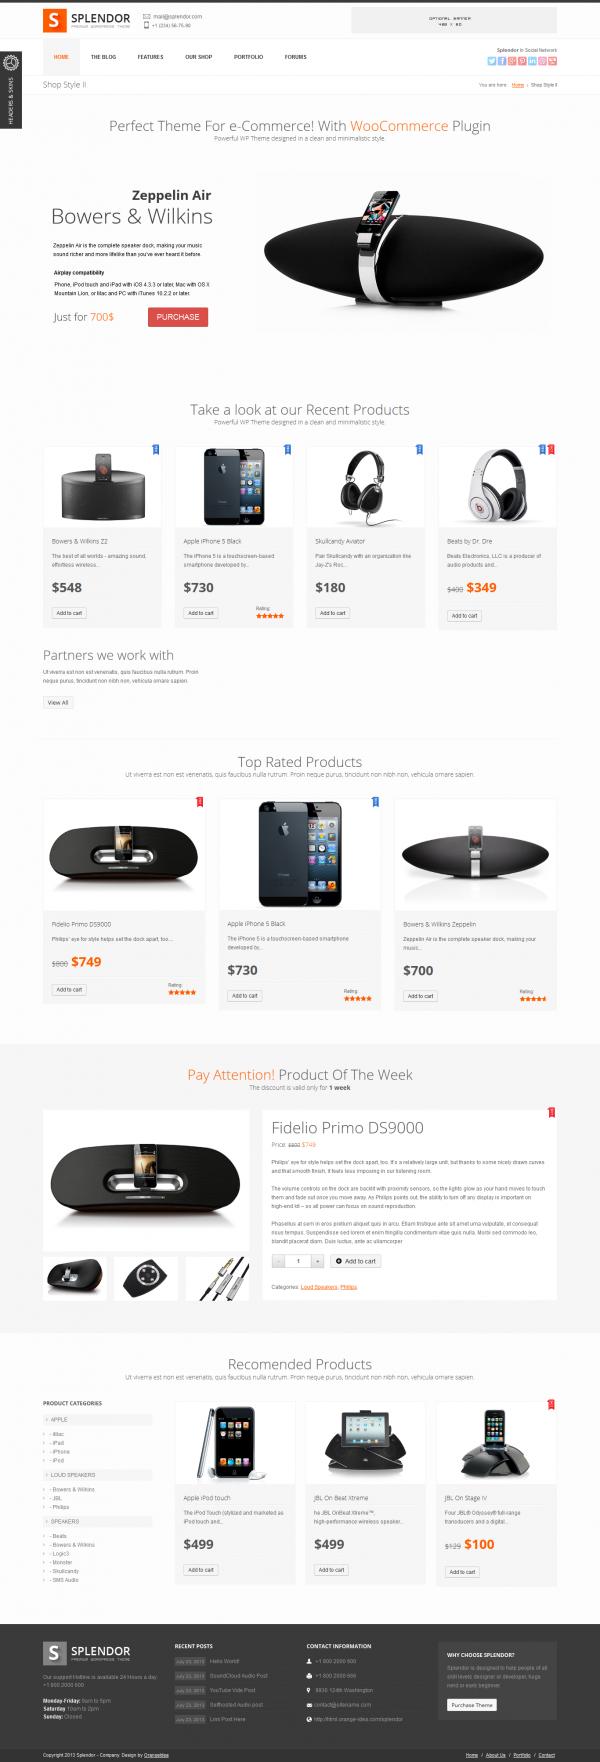 Thiết kế web bán điện thoại di động Splendor